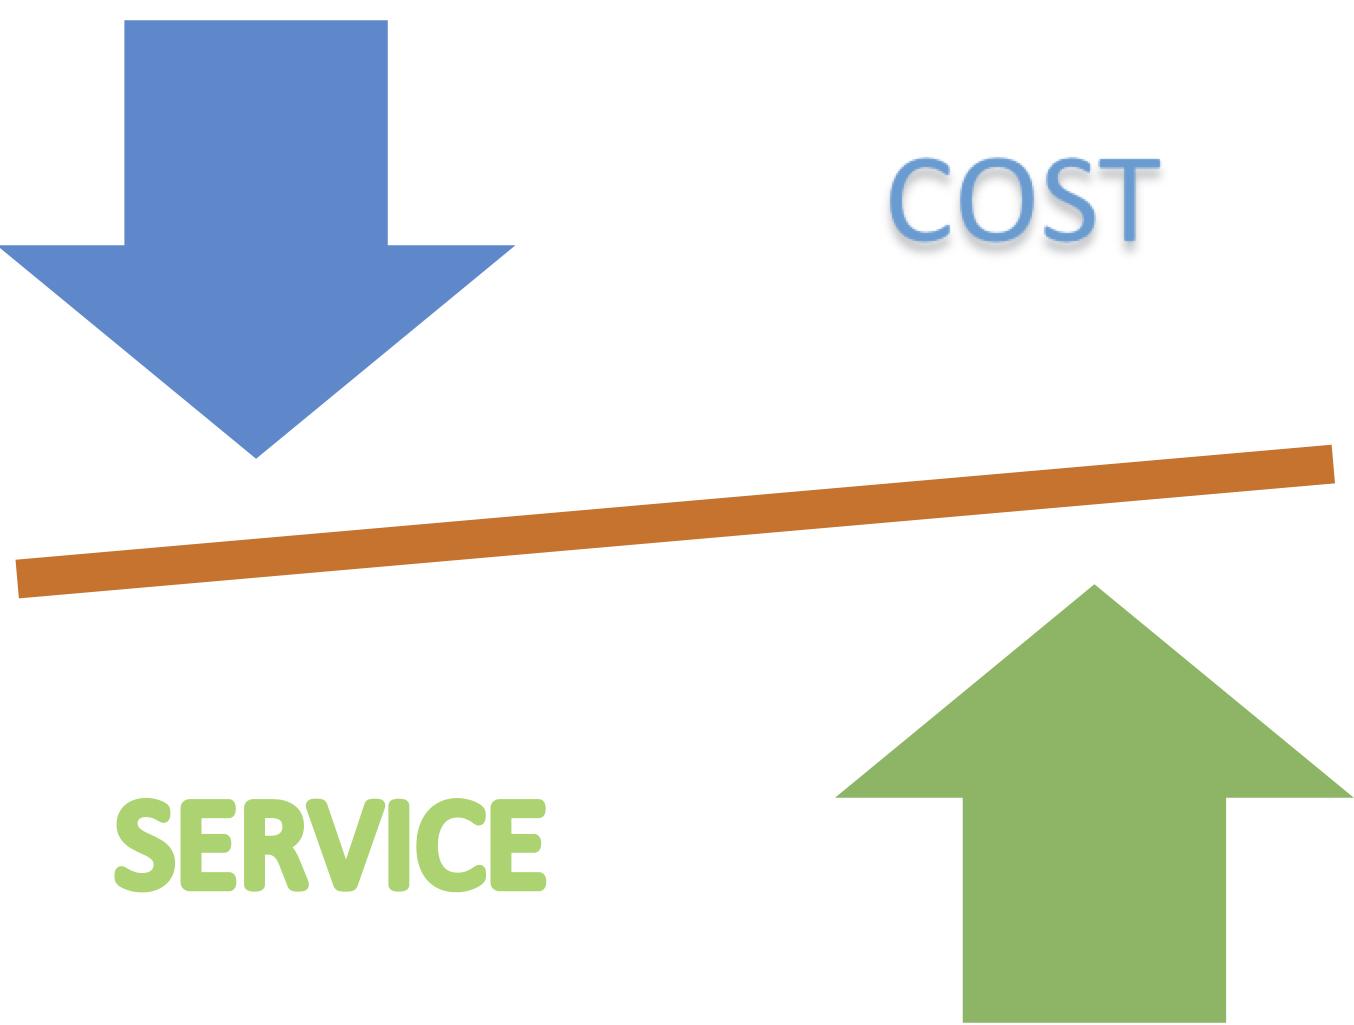 Cost vs Service